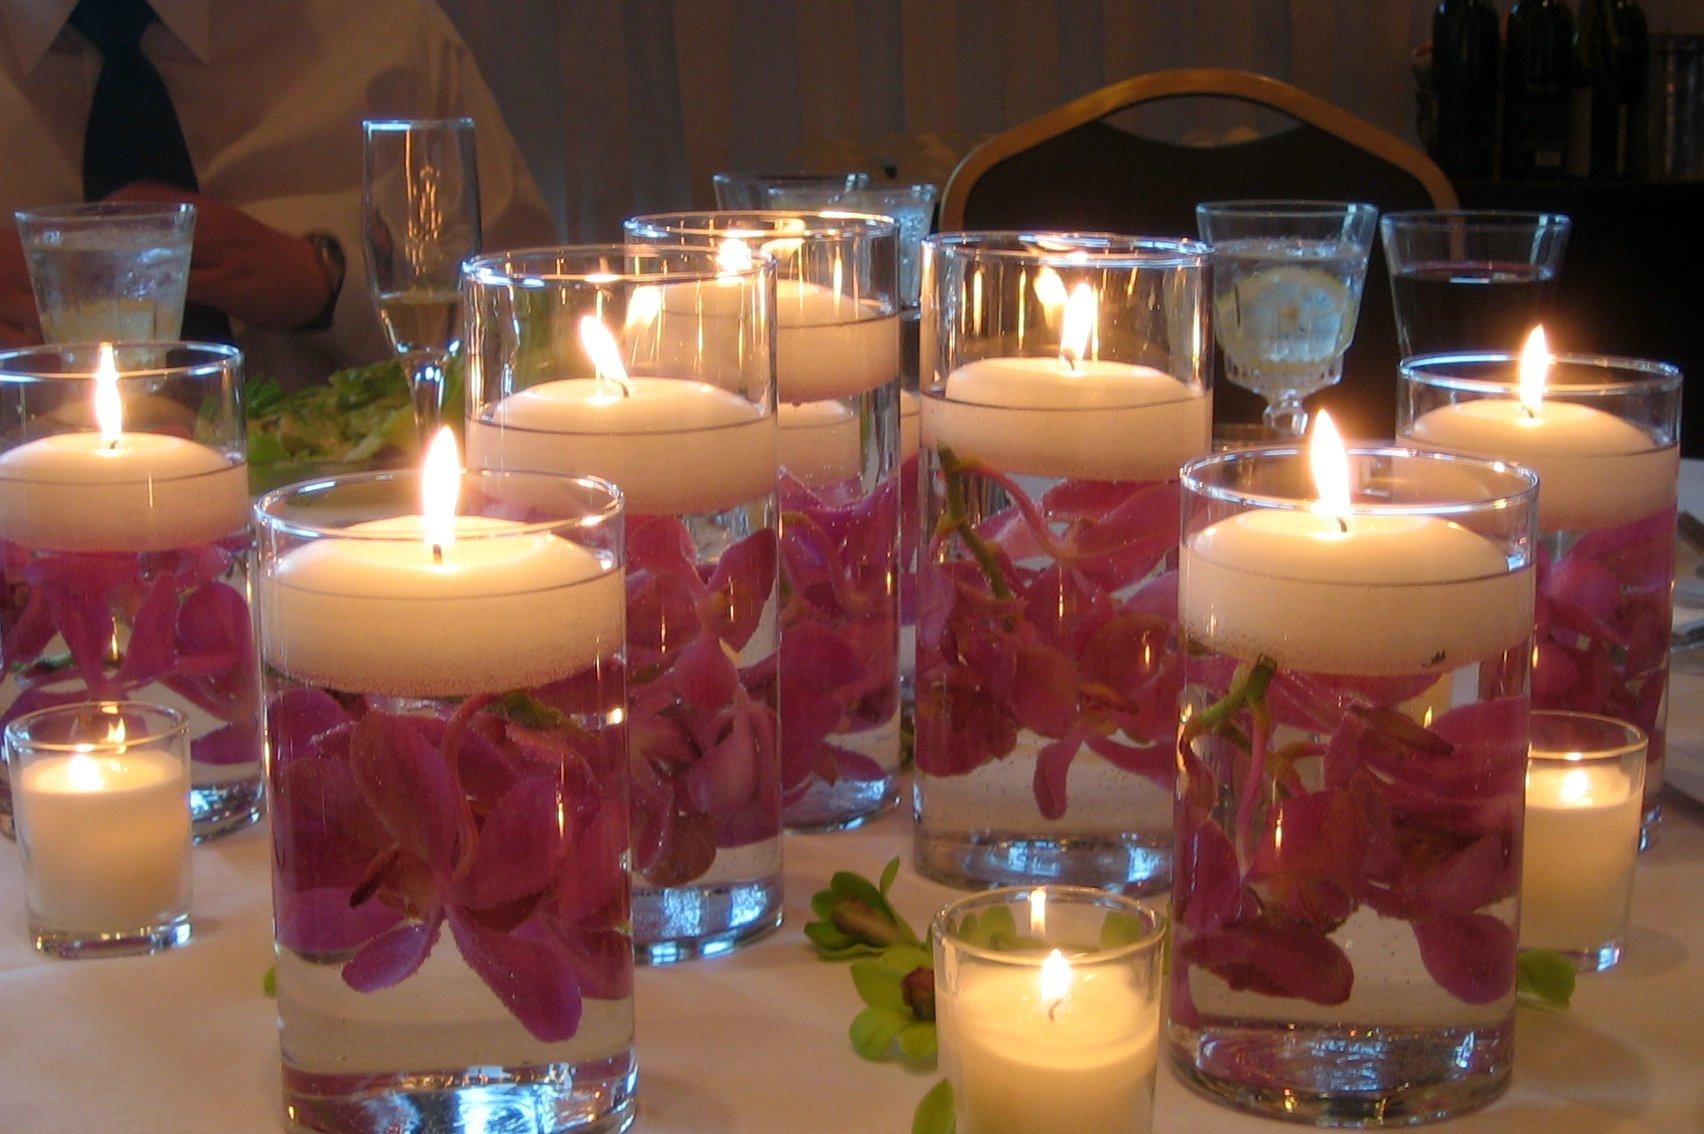 Украшение новогоднего стола 2019: свечи, посуда, елочные композиции и другие элементы декора